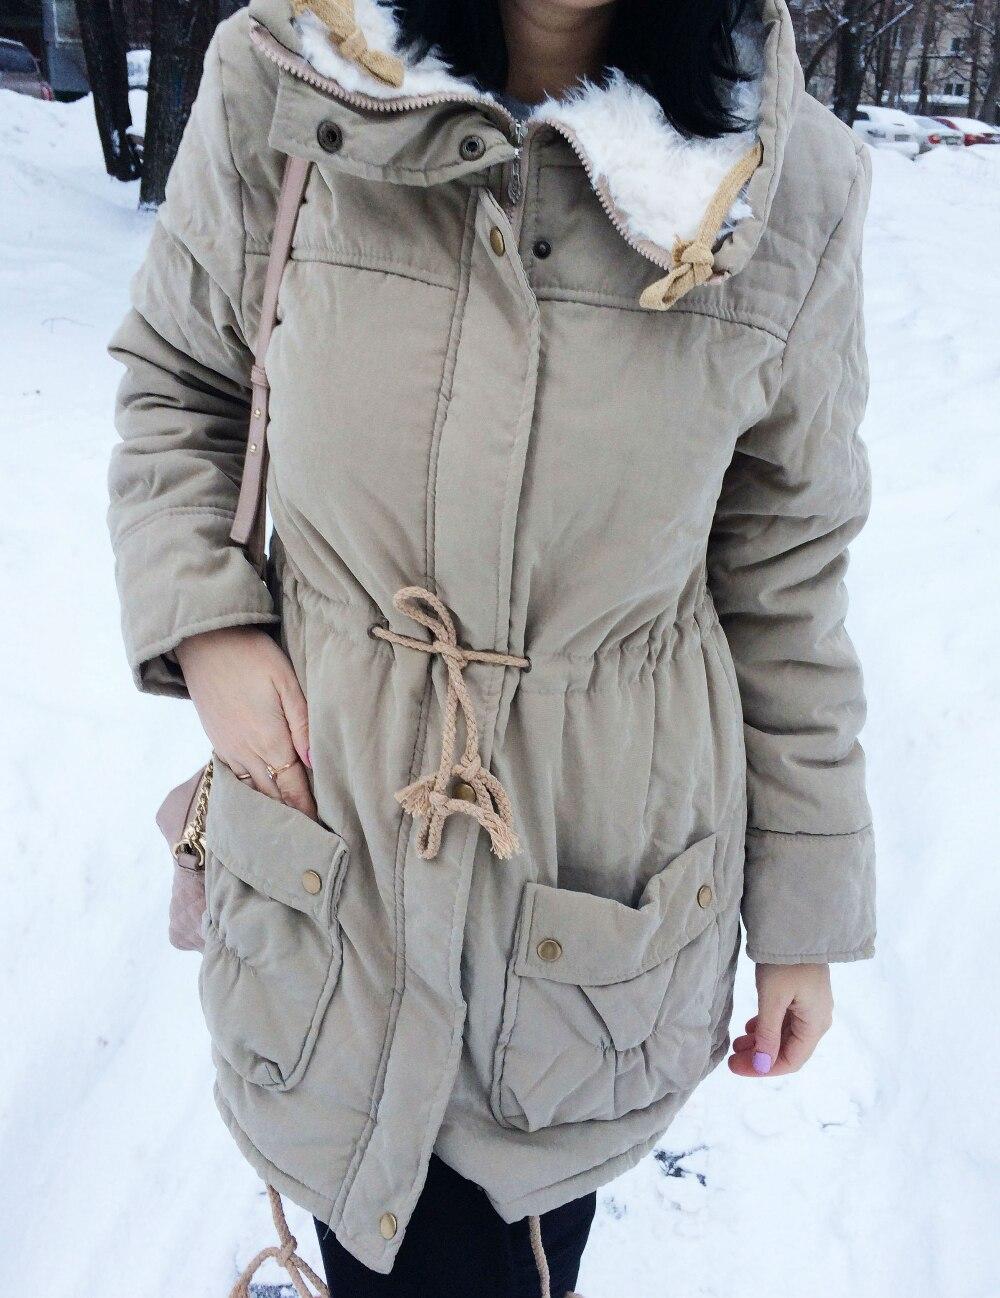 New Autumn Winter Jacket Coat Women Parka Woman Clothes Solid Long Jacket Slim Plus Size Women